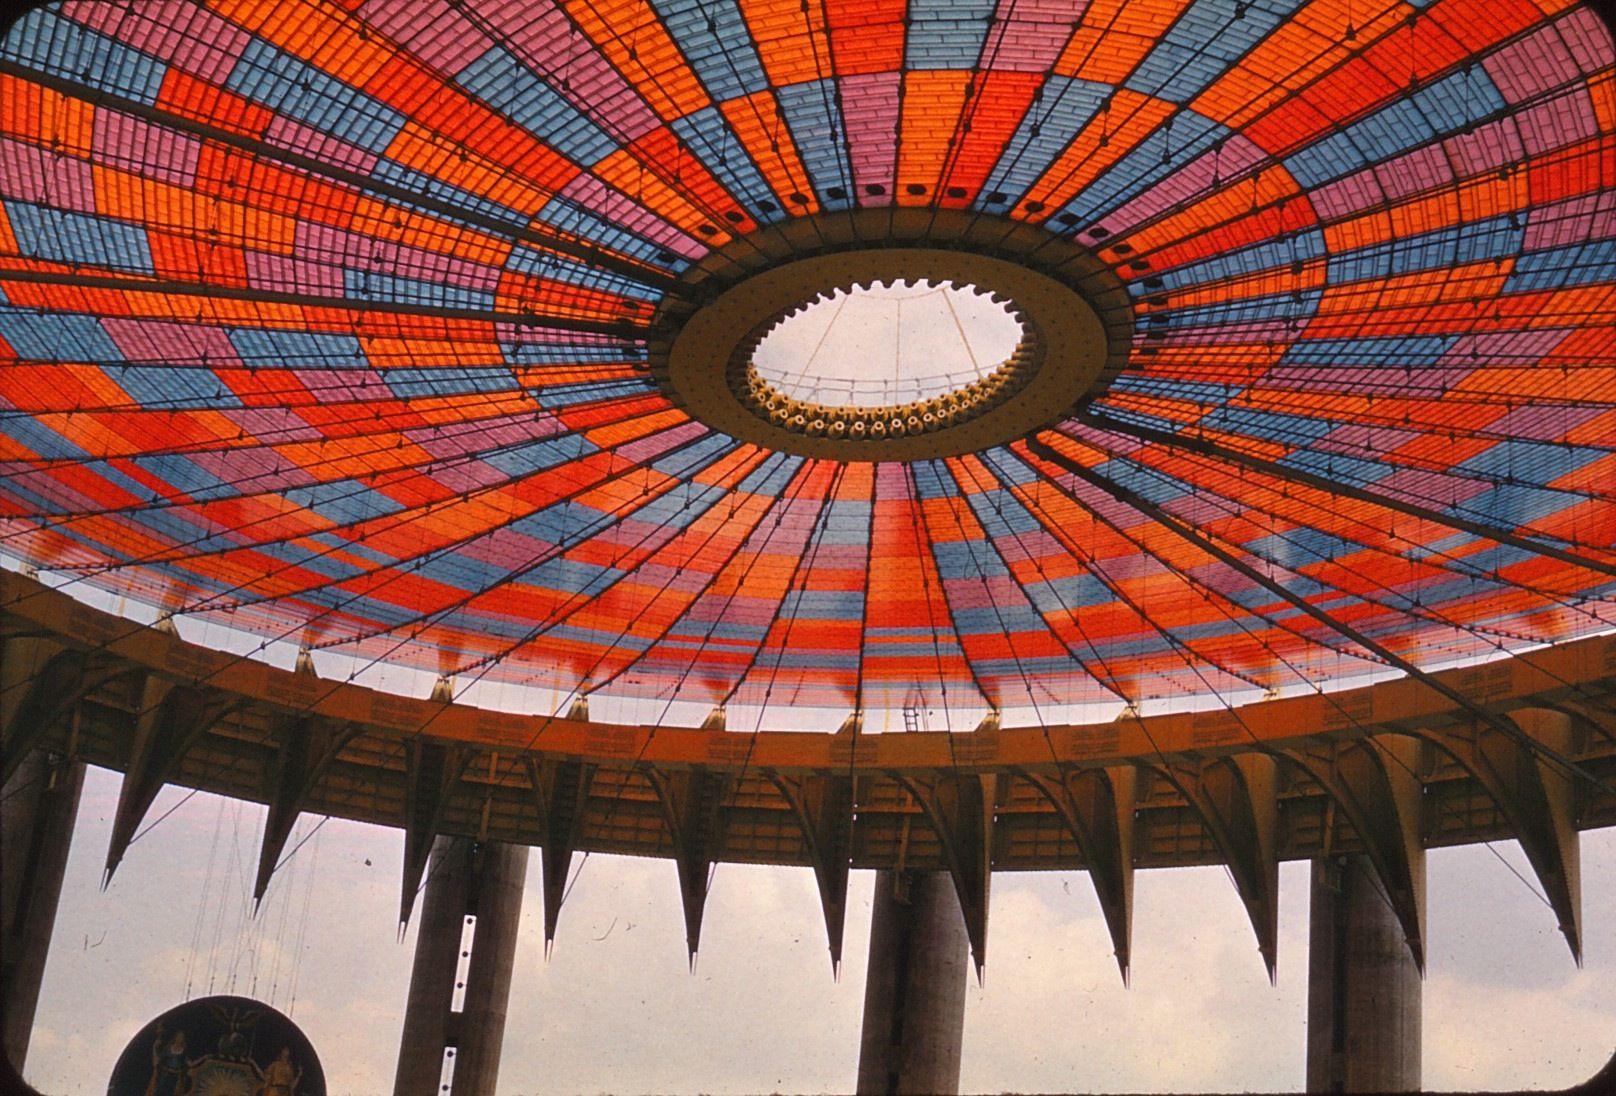 64 Worlds Fair__Richard Grier 09.jpg